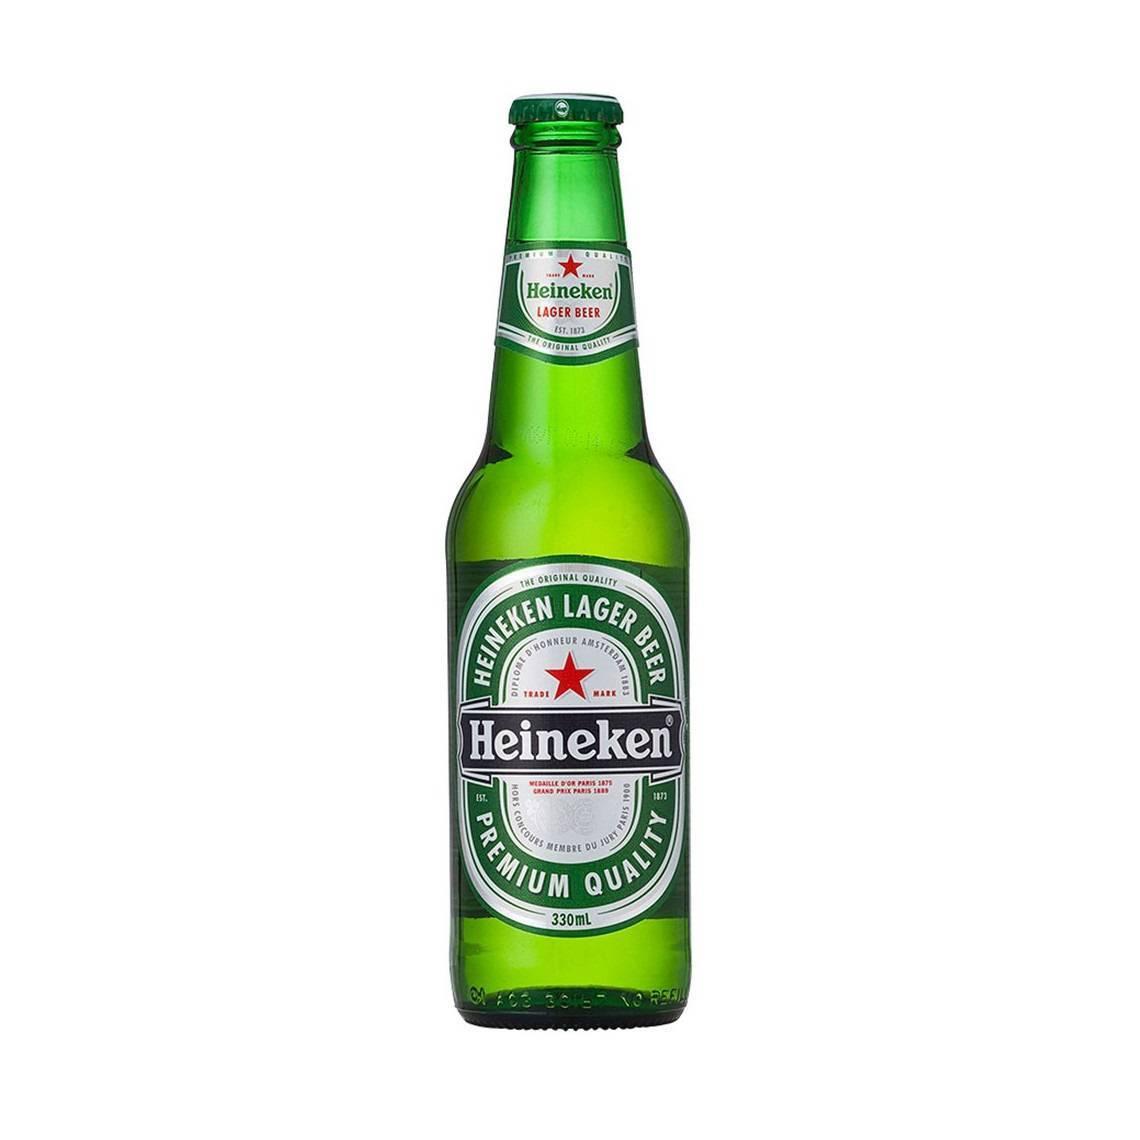 Пиво хейнекен (heineken): производитель, виды, крепость – как правильно пить